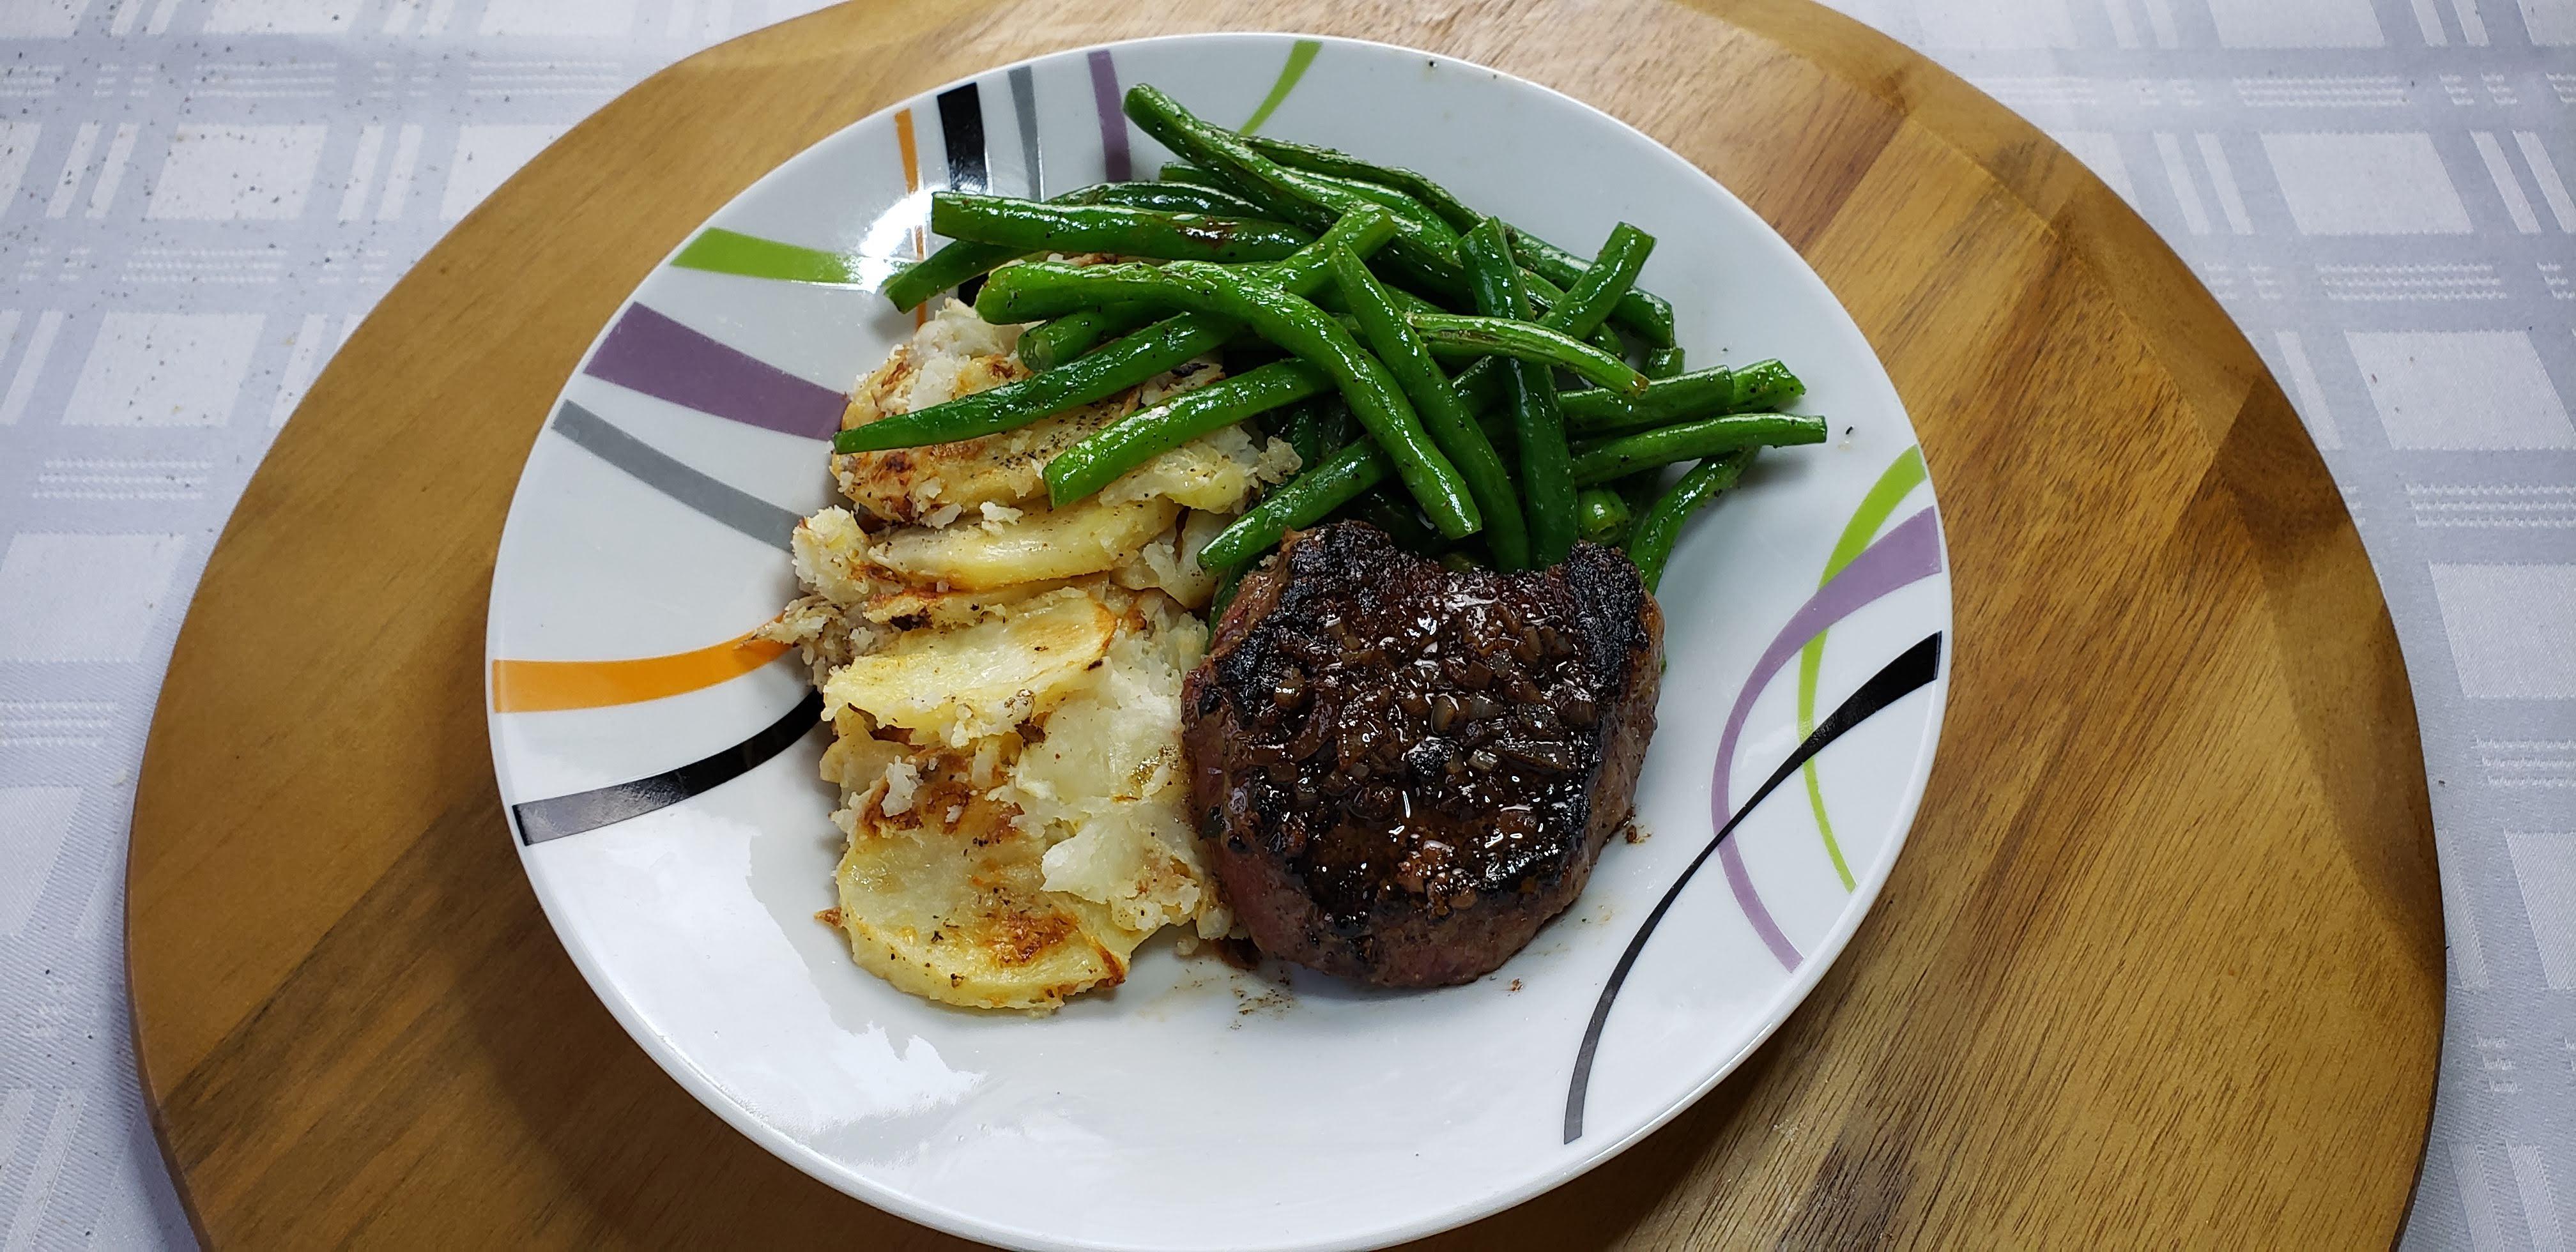 pan seared sirloin steak